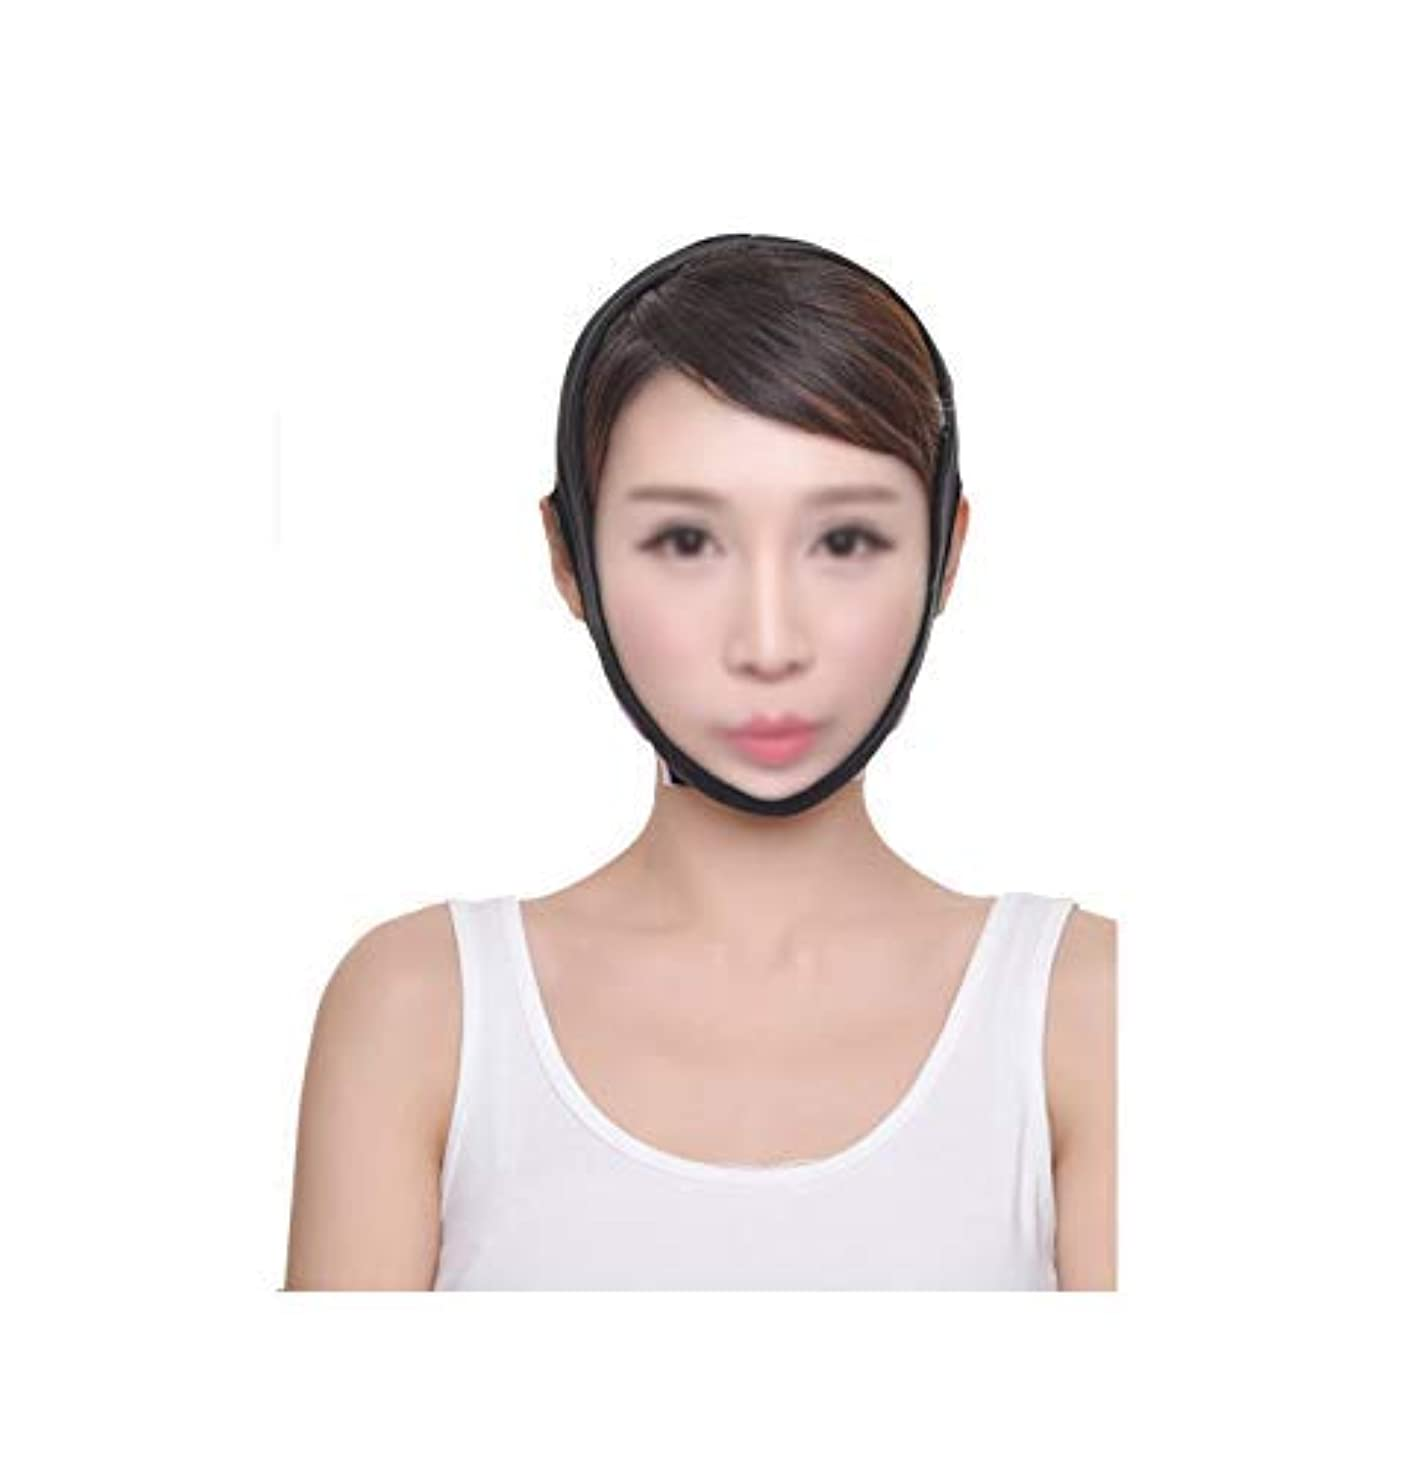 ファーミングフェイスマスク、フェイスリフティングアーティファクト脂肪吸引術術後整形二重あご美容マスクブラックフード(サイズ:L)